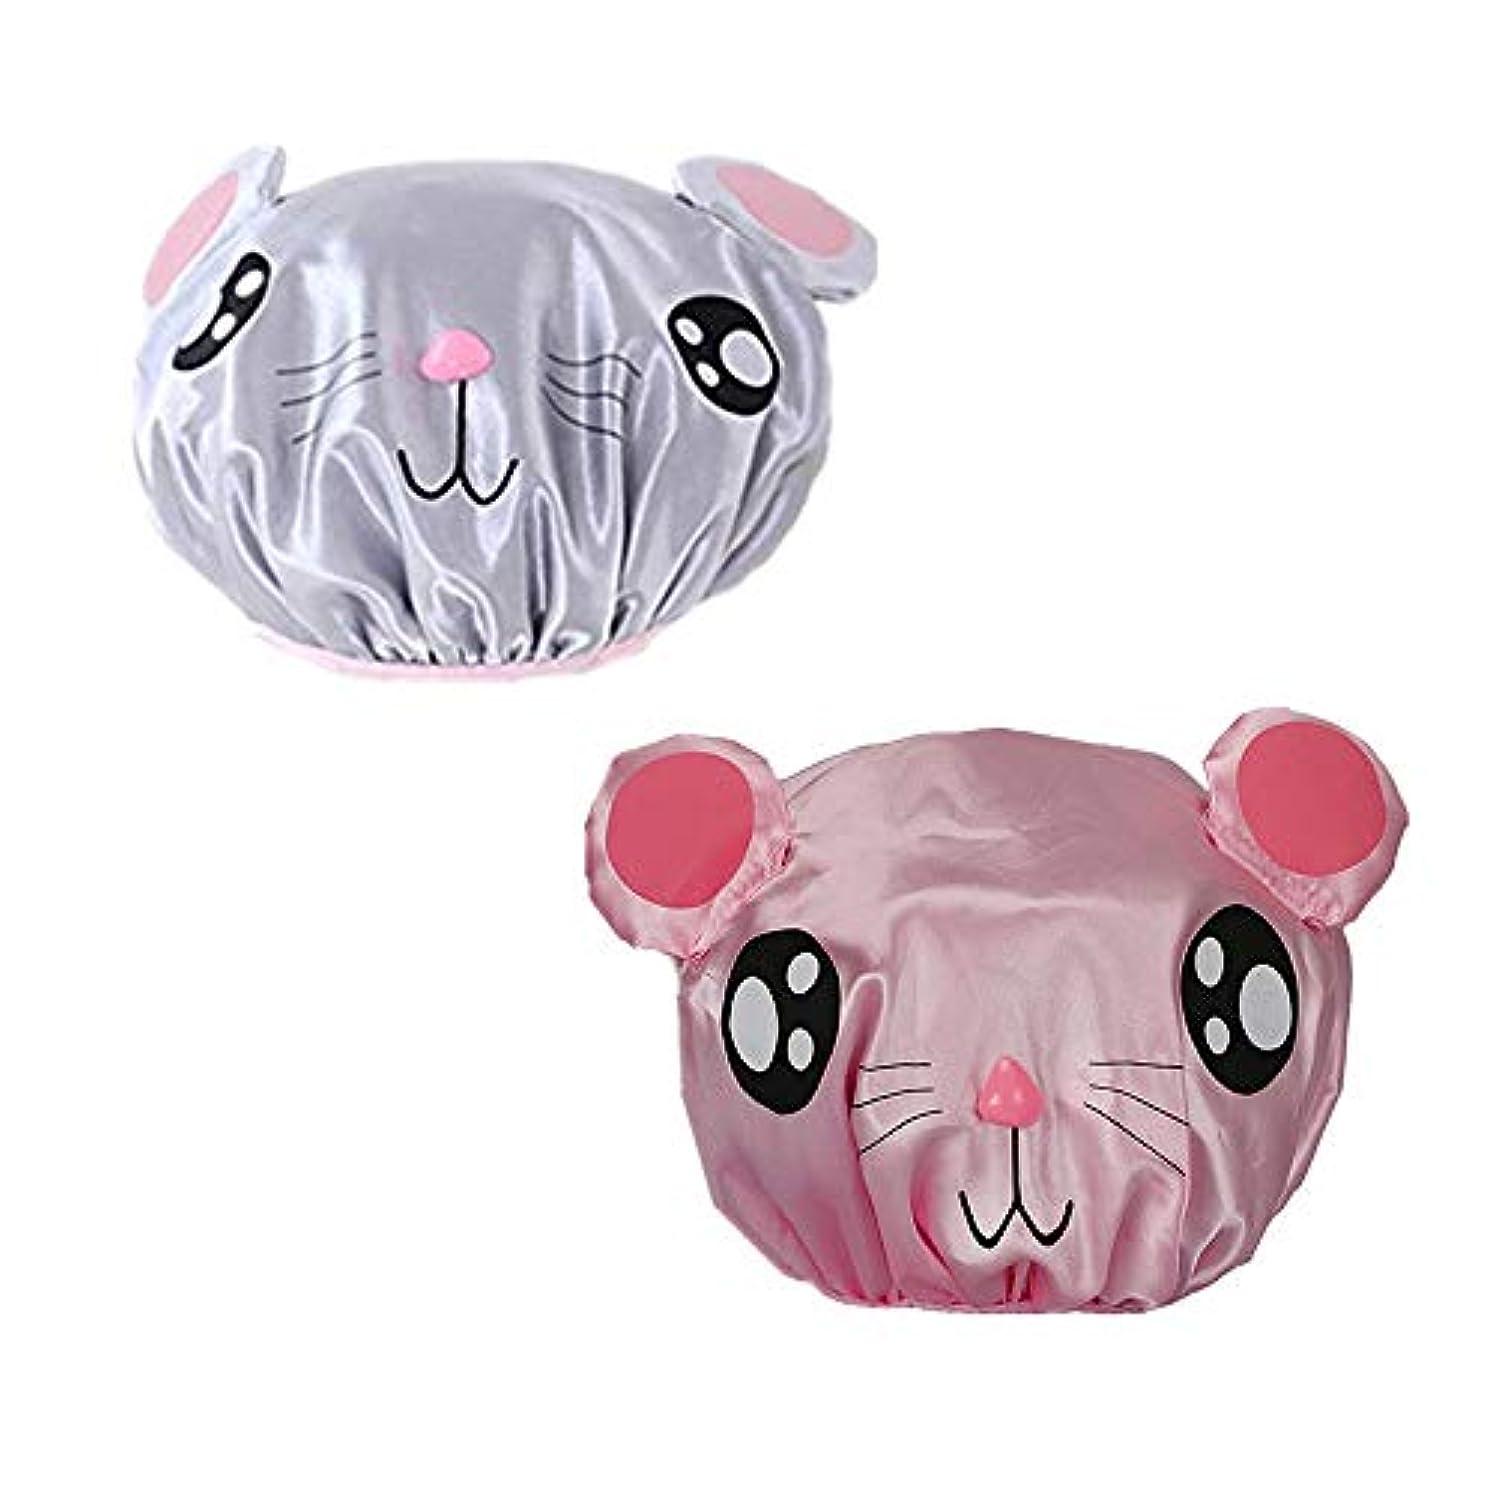 再発する宇宙成果Kingsie シャワーキャップ キッズ 子供用 2枚セット ヘアキャップ 可愛い 動物柄 カートゥーン 防水帽 入浴キャップ お風呂 ピンク/グレー